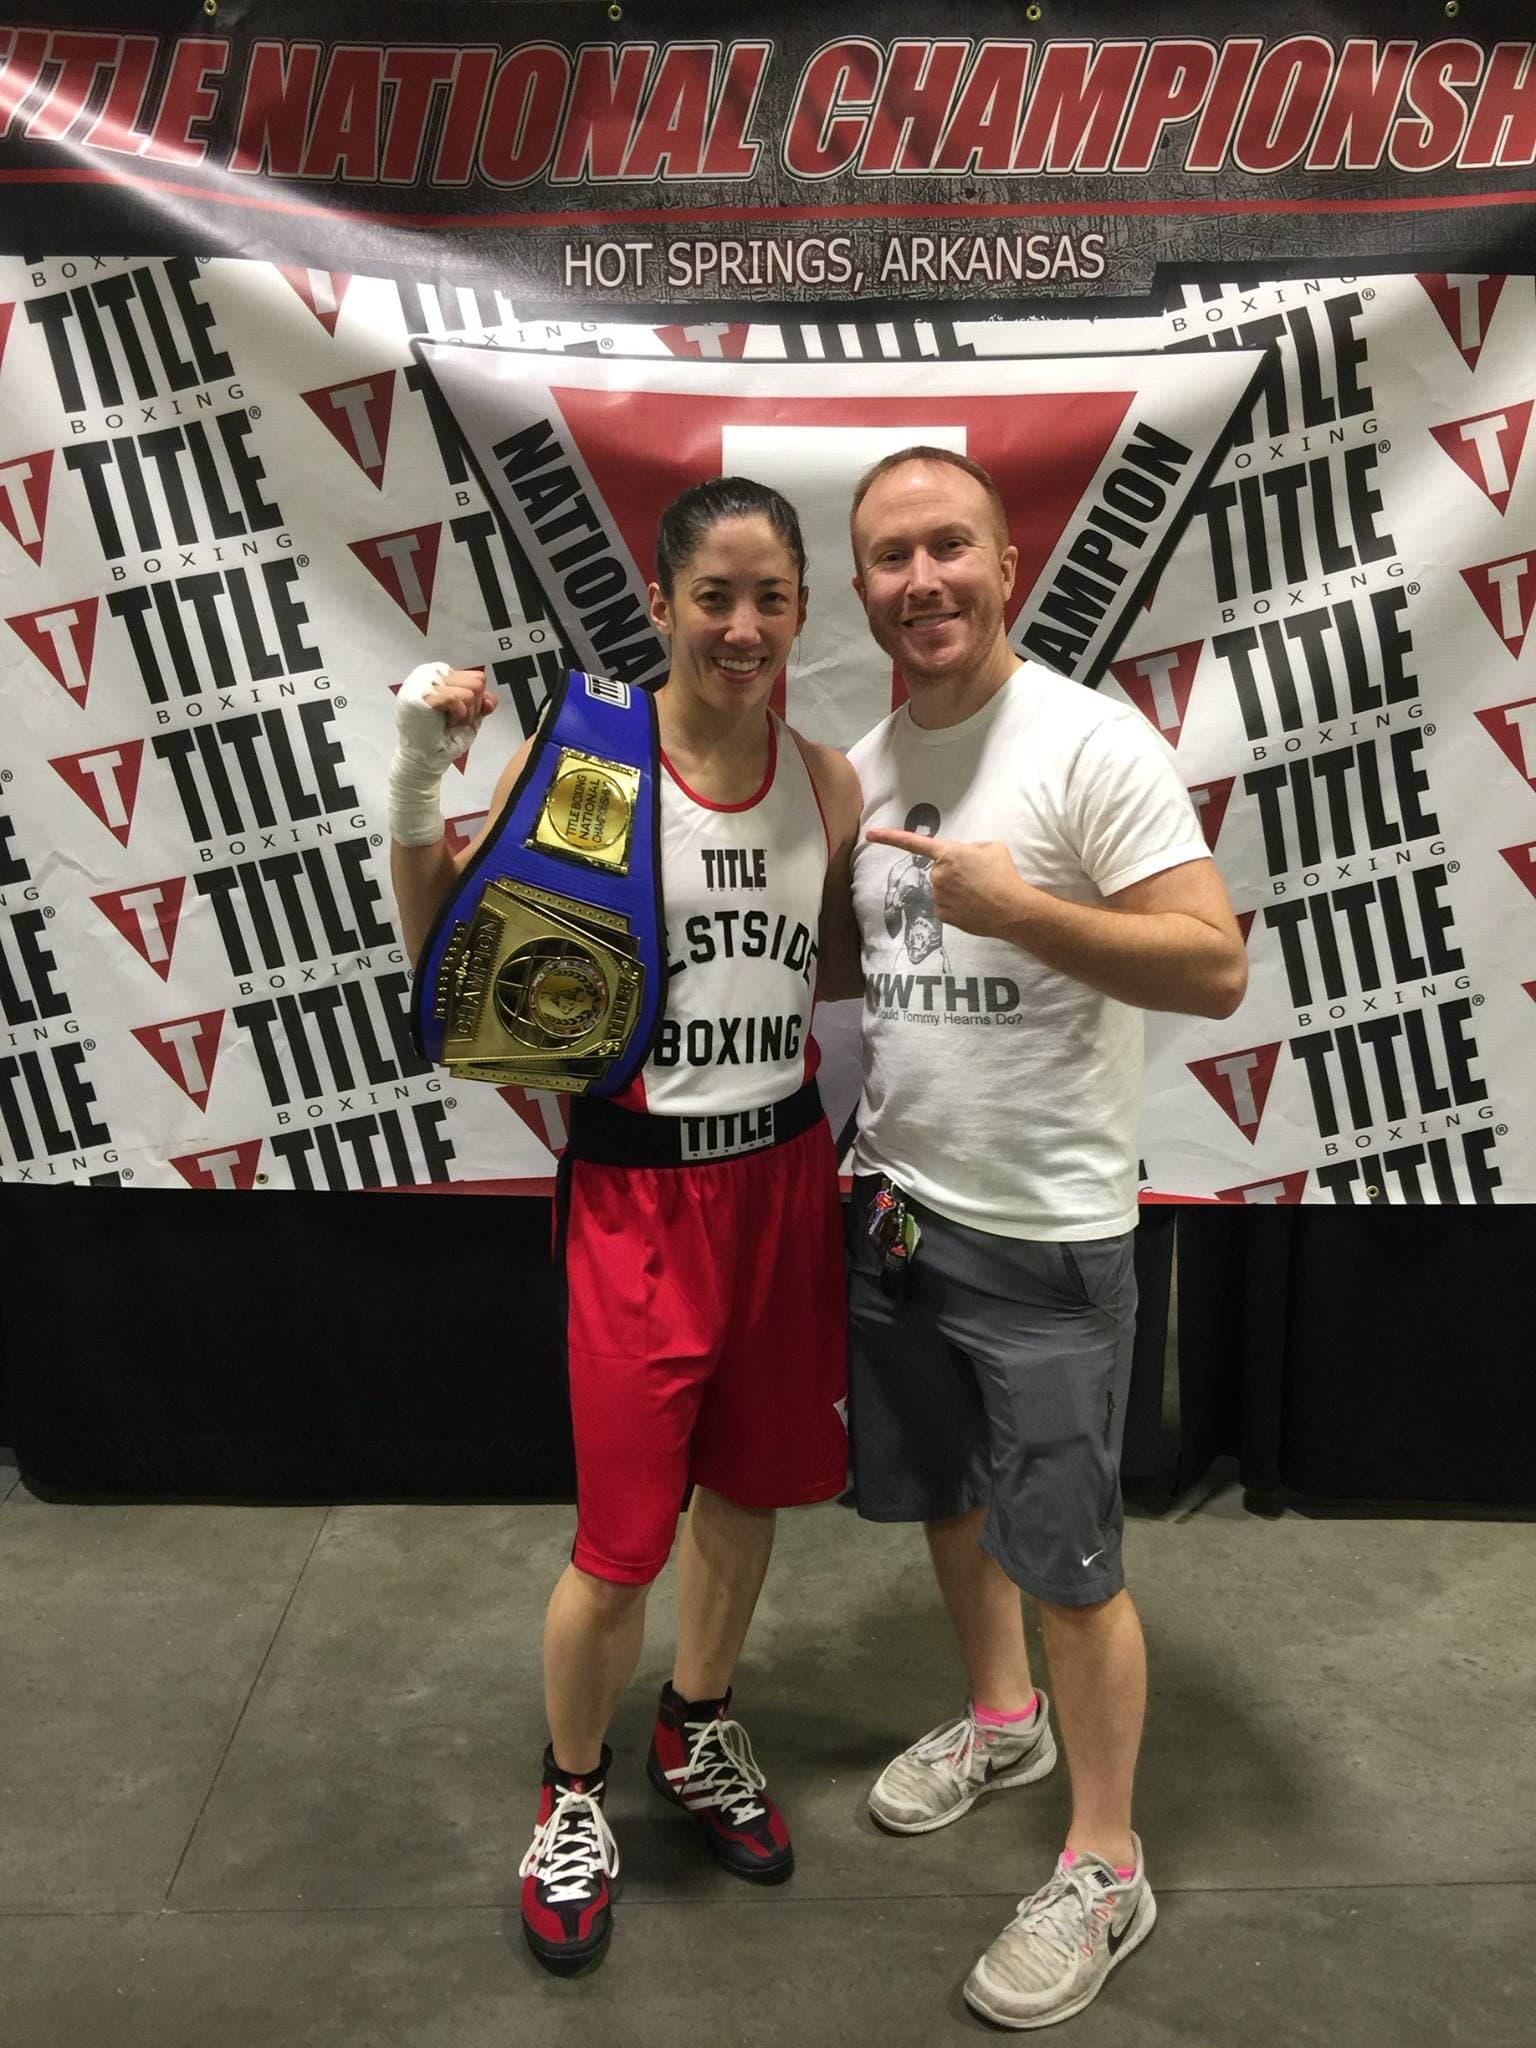 MATT HAMILTON in Little Rock - Westside MMA